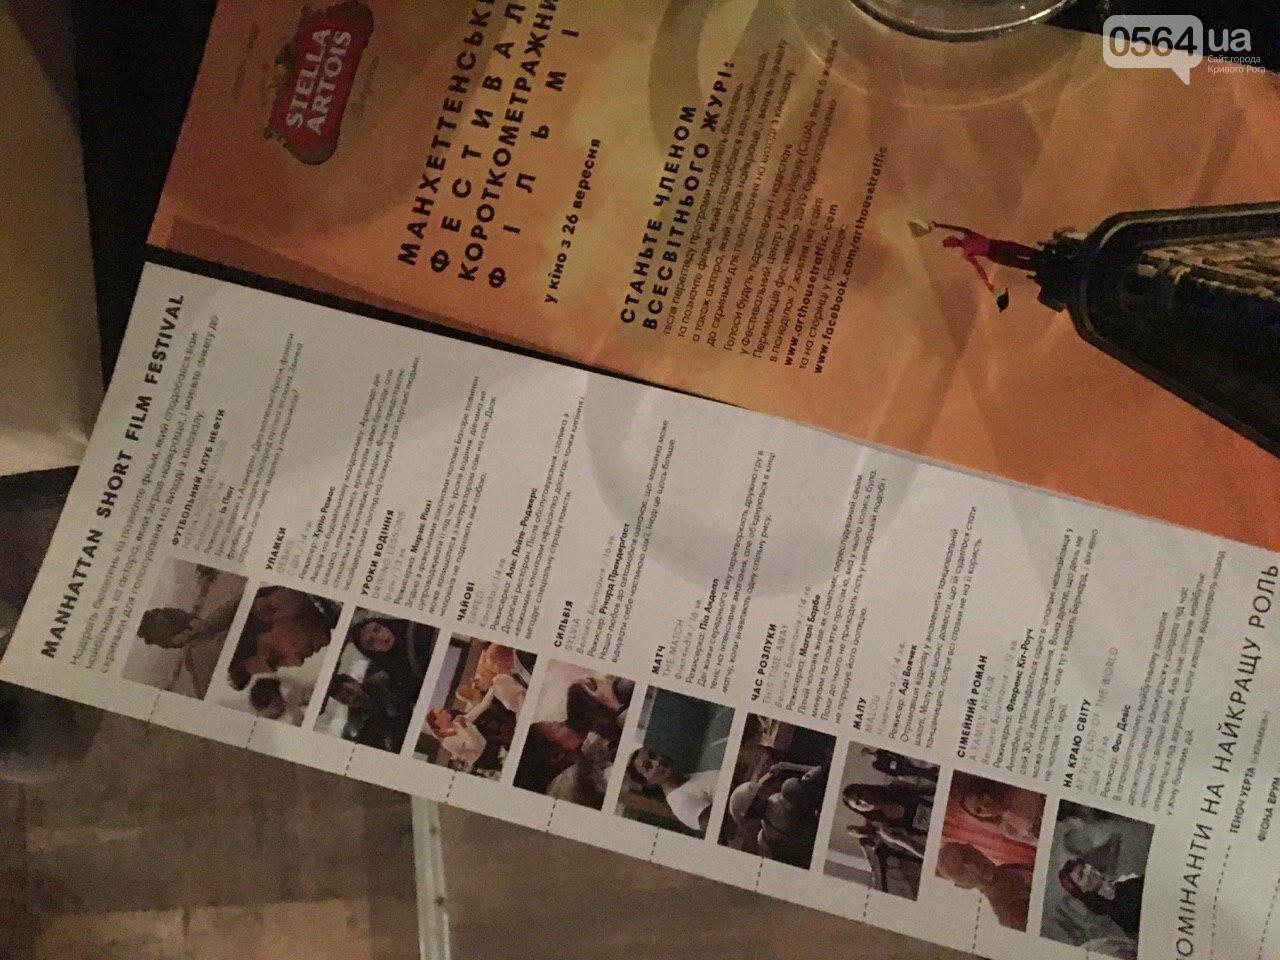 Криворожане проголосовали за лучшие короткометражные фильмы, показанные в рамках Манхеттенского фестиваля, - ФОТО, ВИДЕО , фото-4